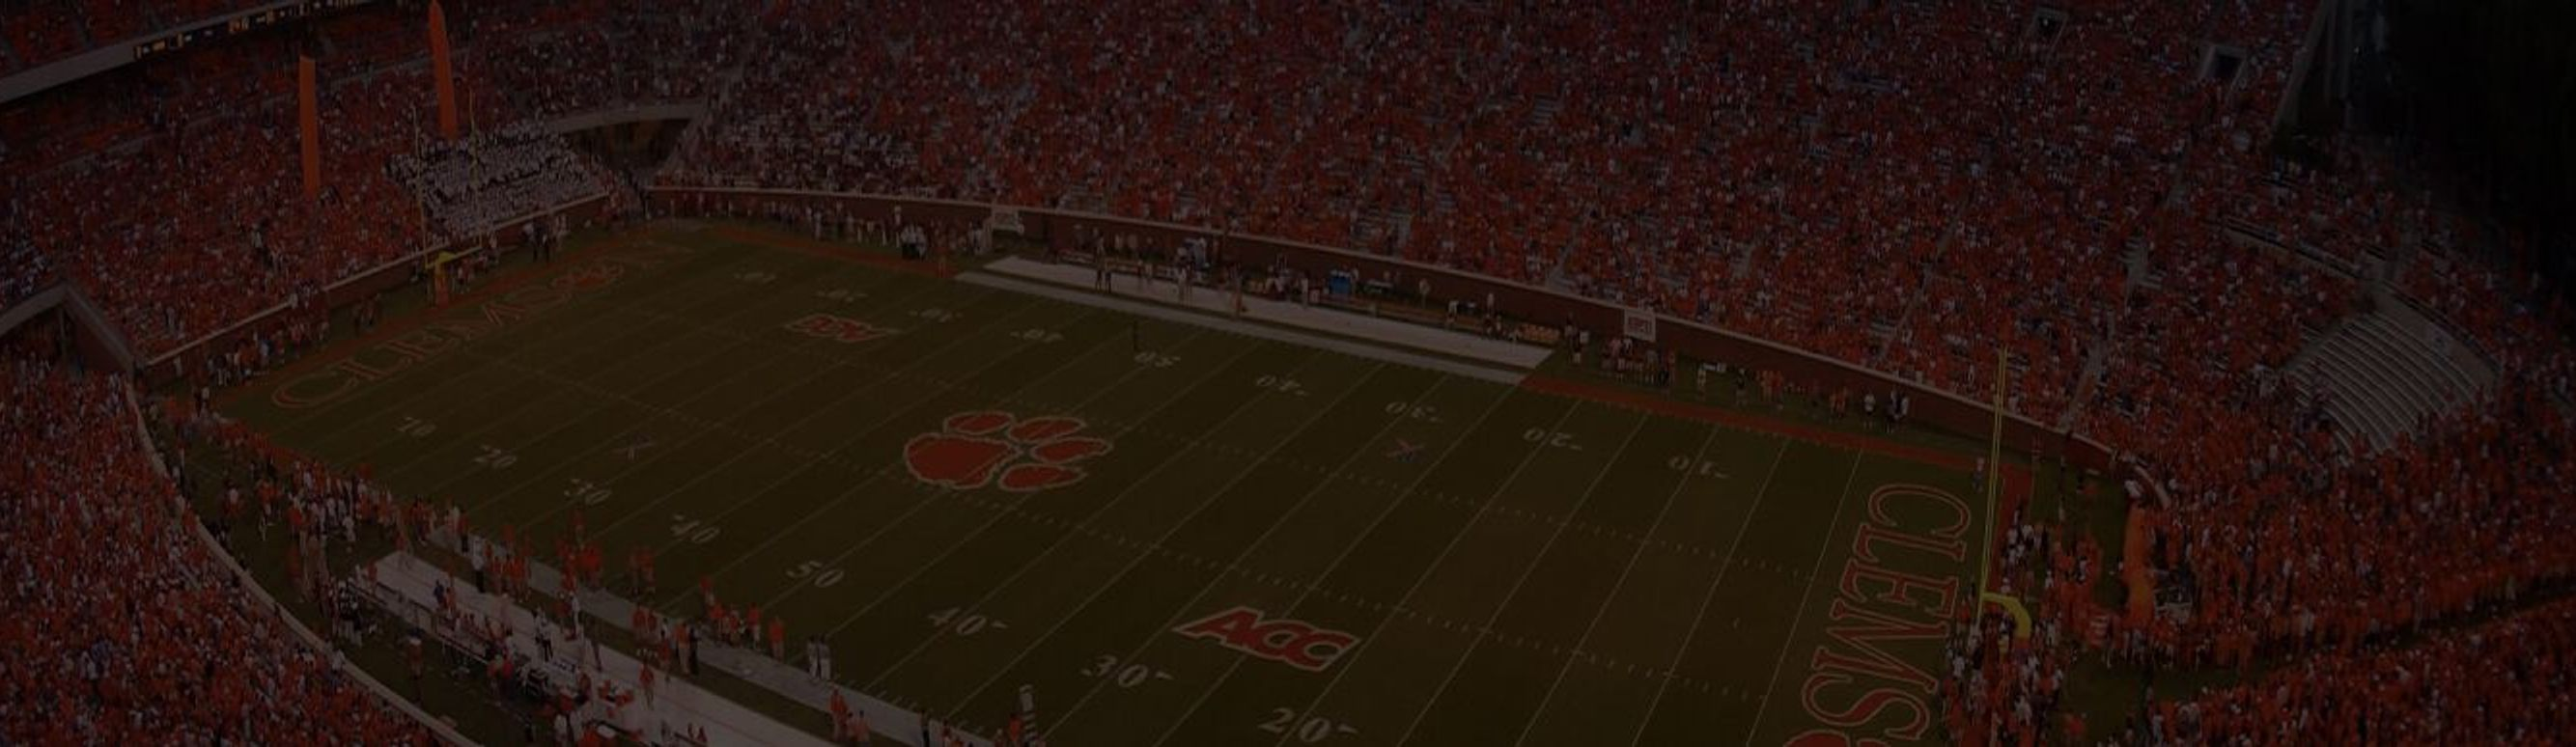 Clemson Memorial Stadium in Clemson, South Carolina